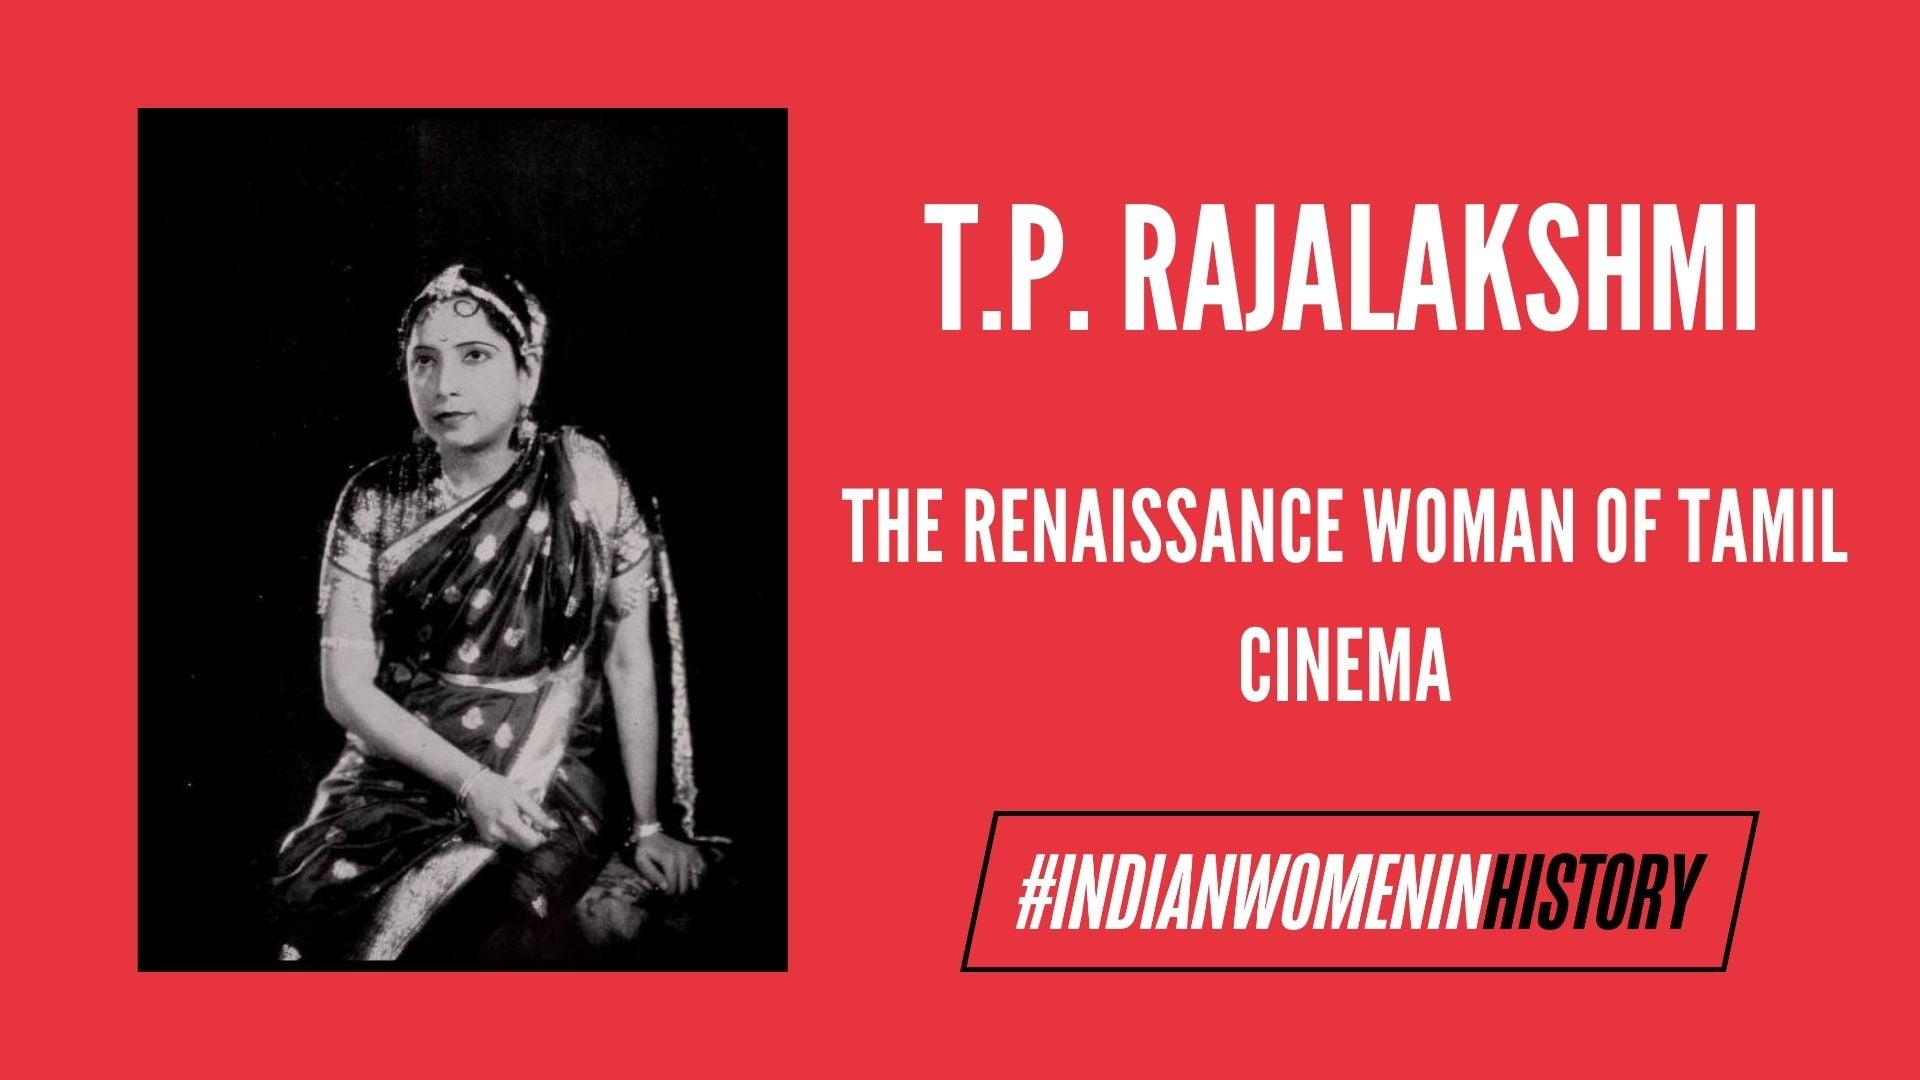 T.P. Rajalakshmi